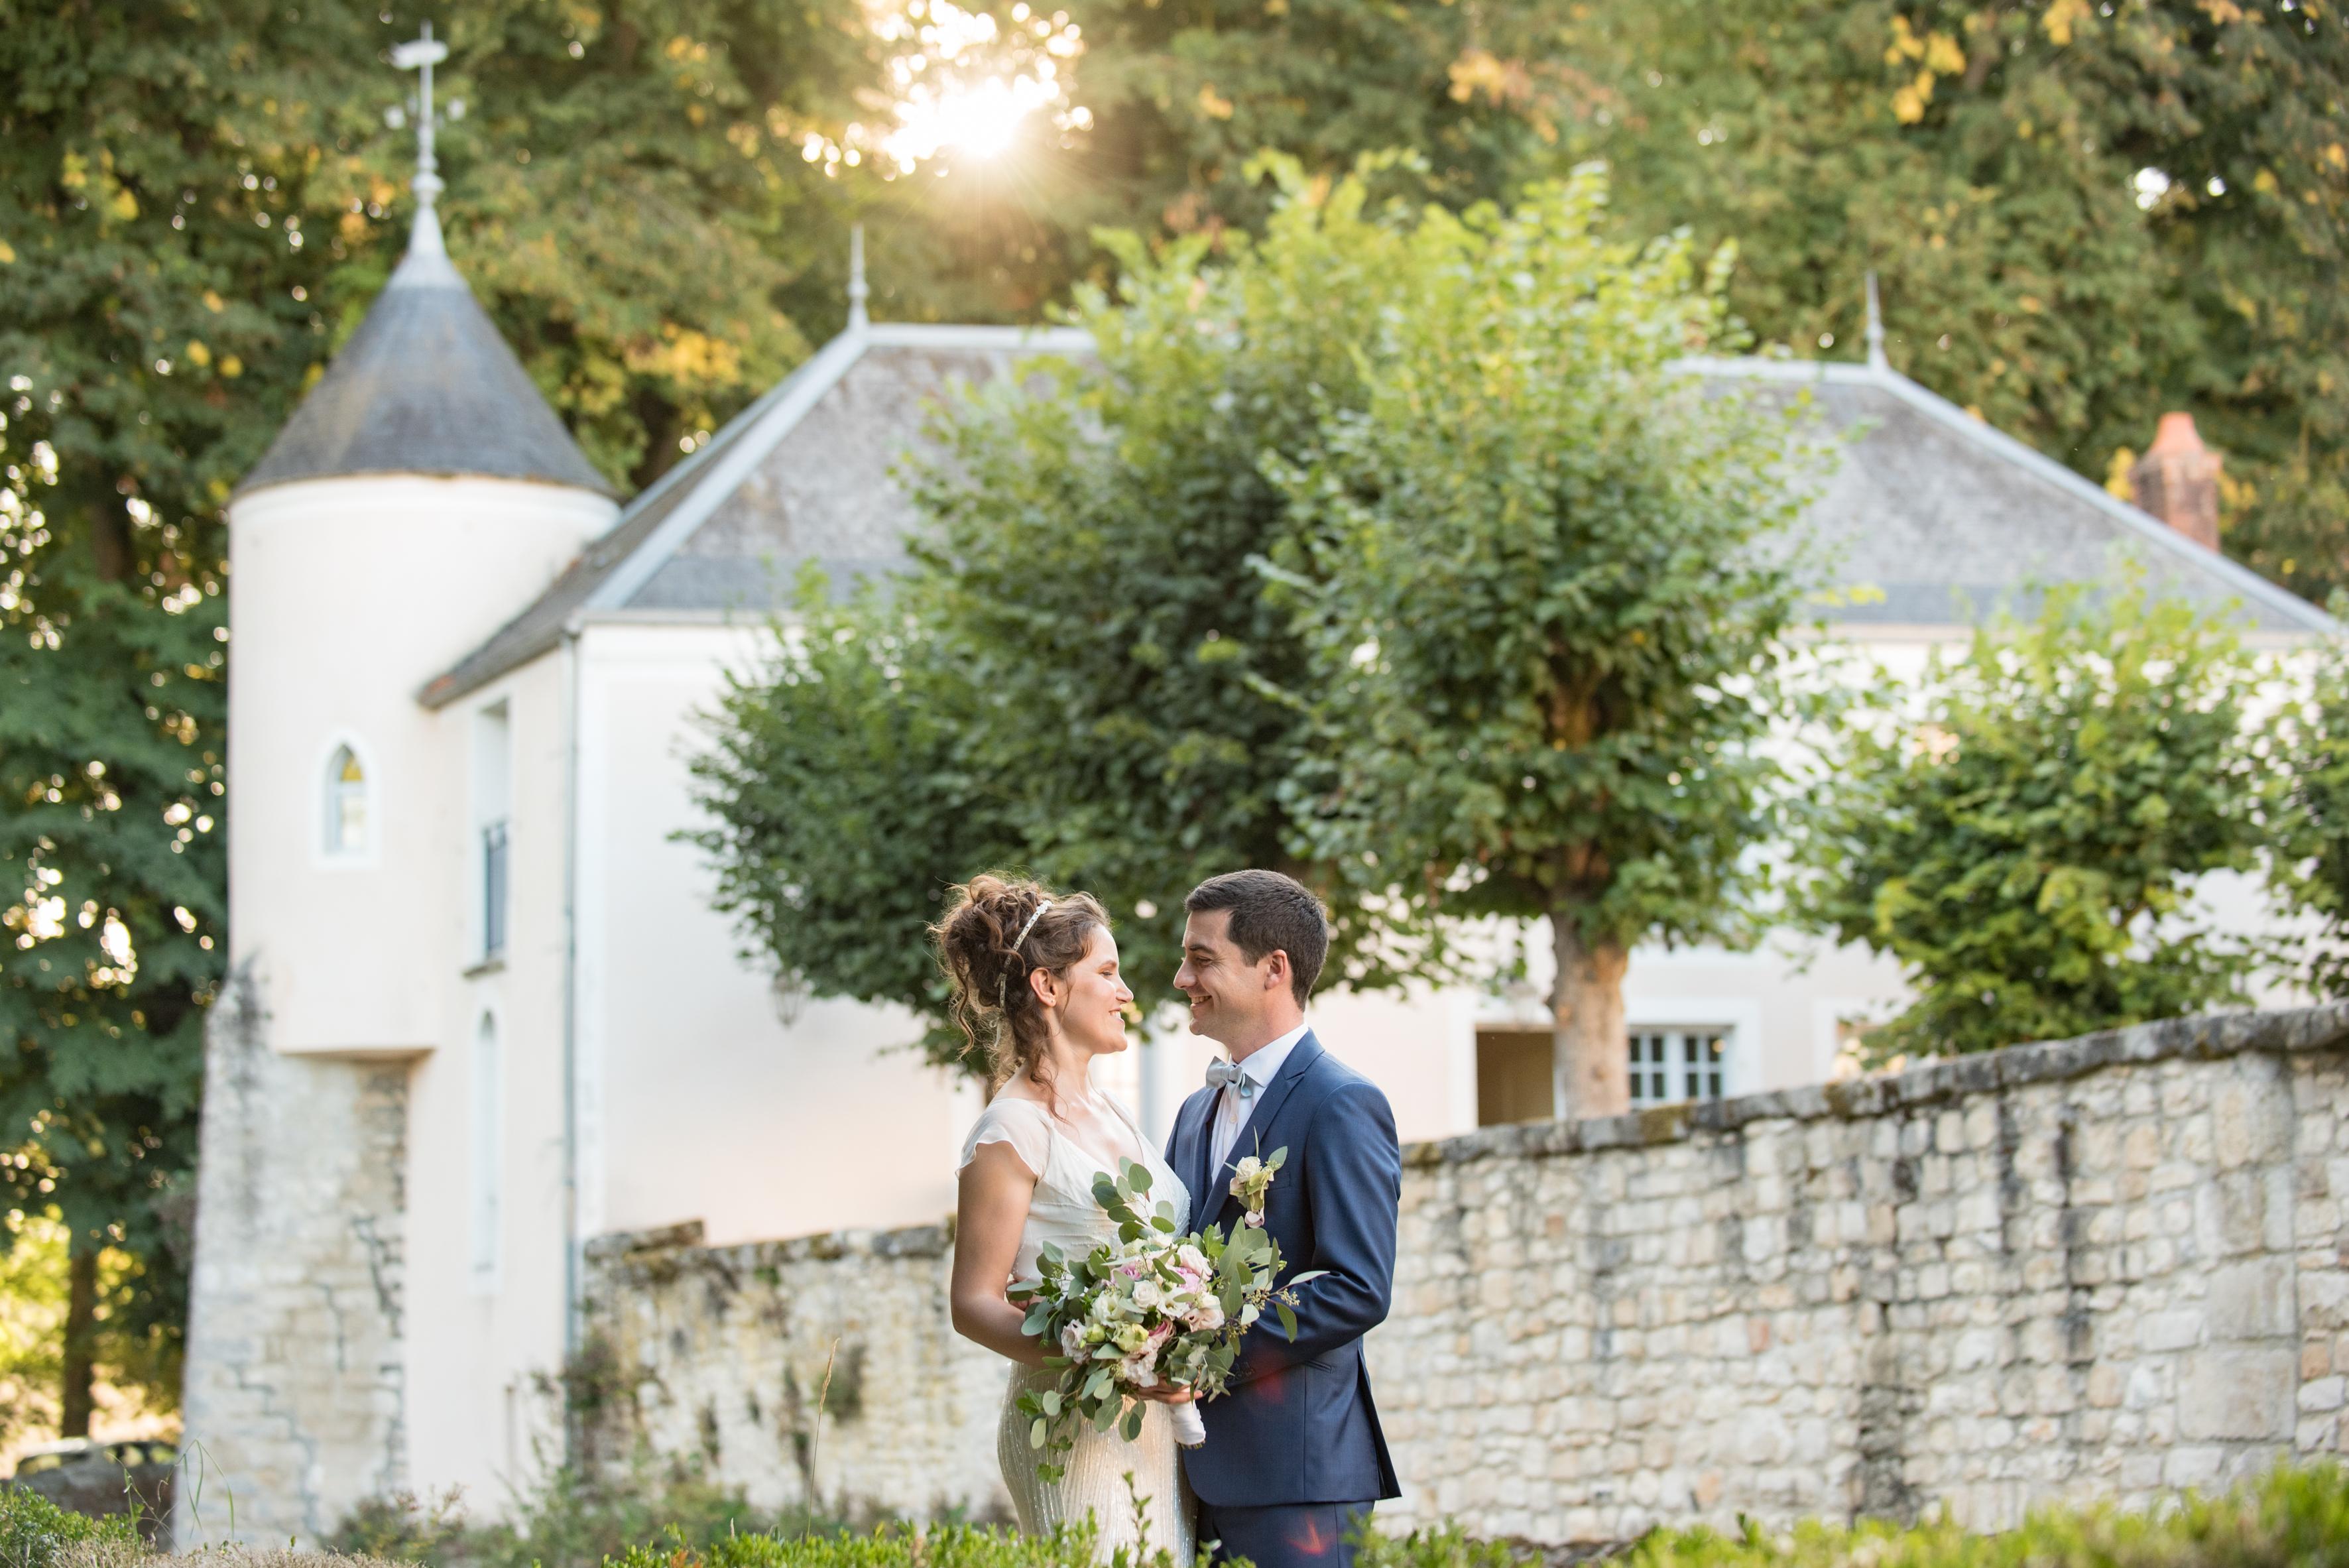 jour-j-photographie-photographe-mariage-ile-de-france